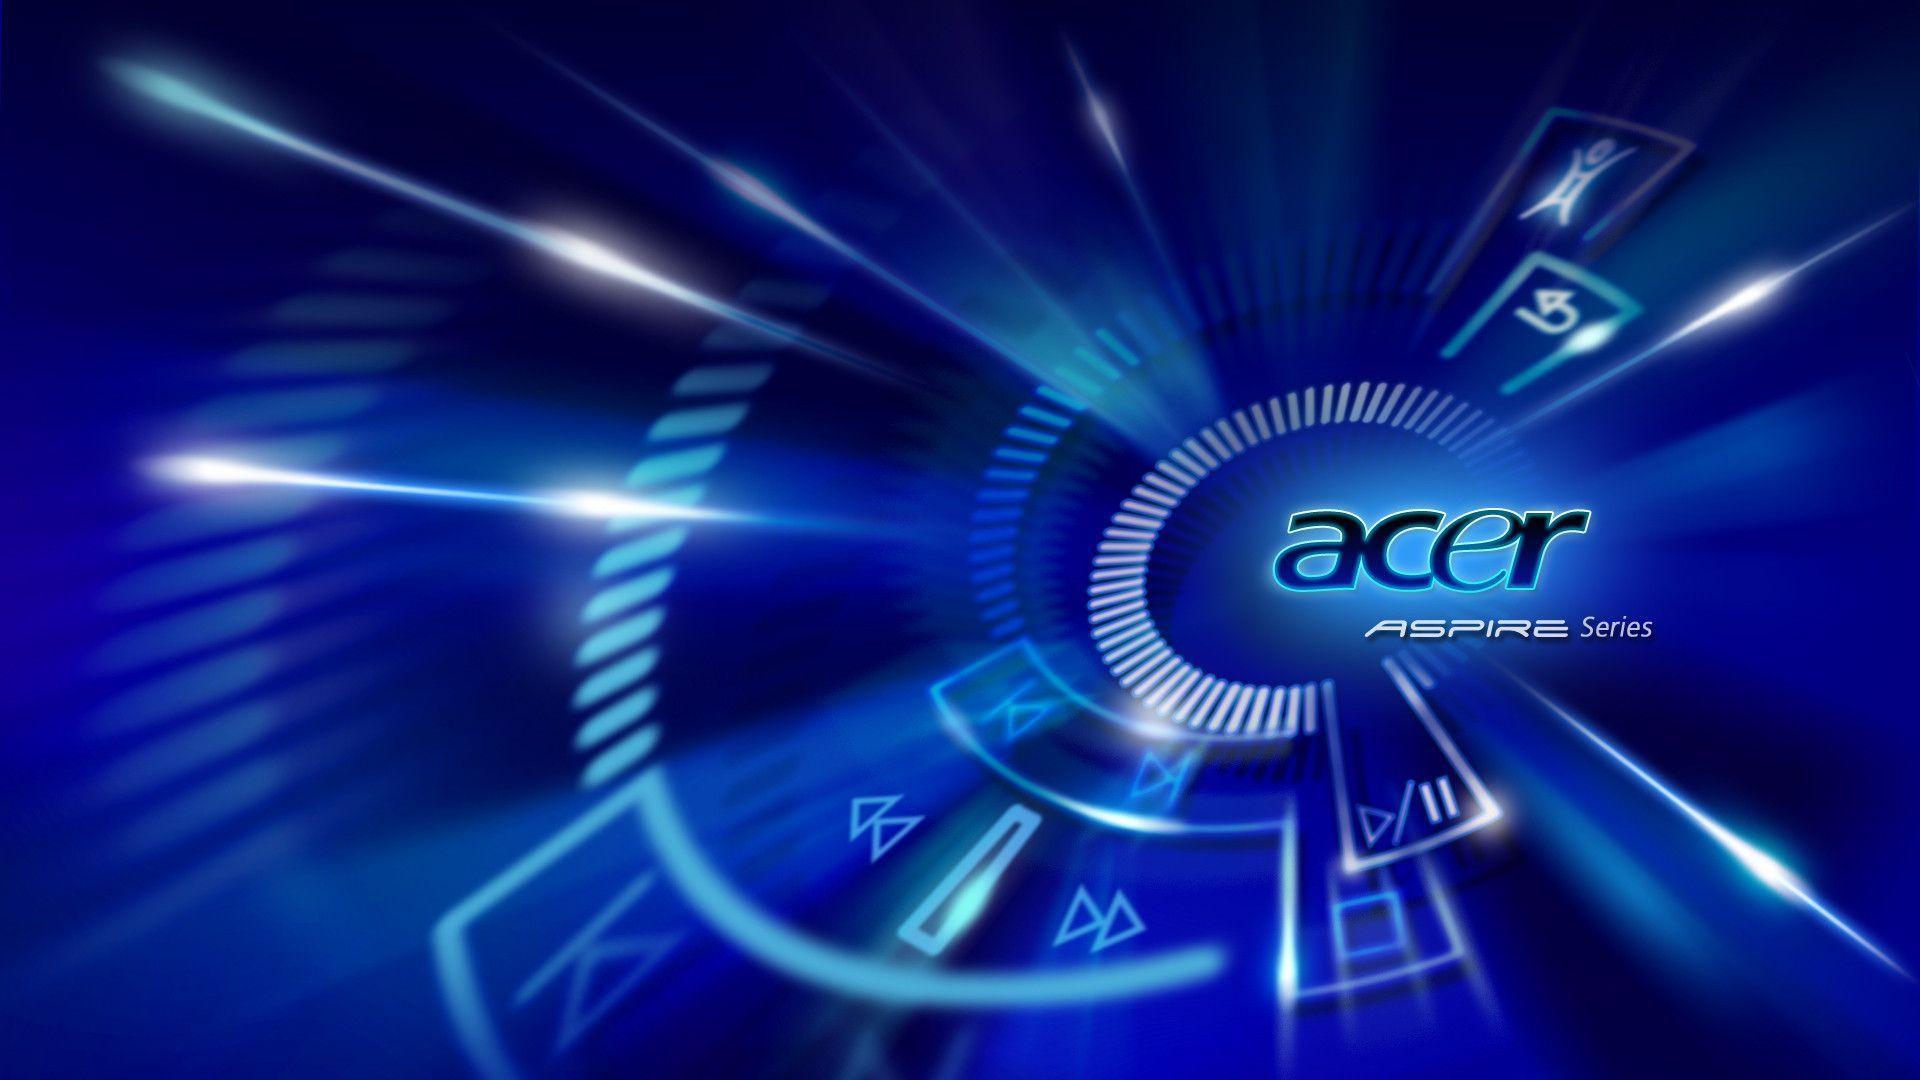 Acer pics